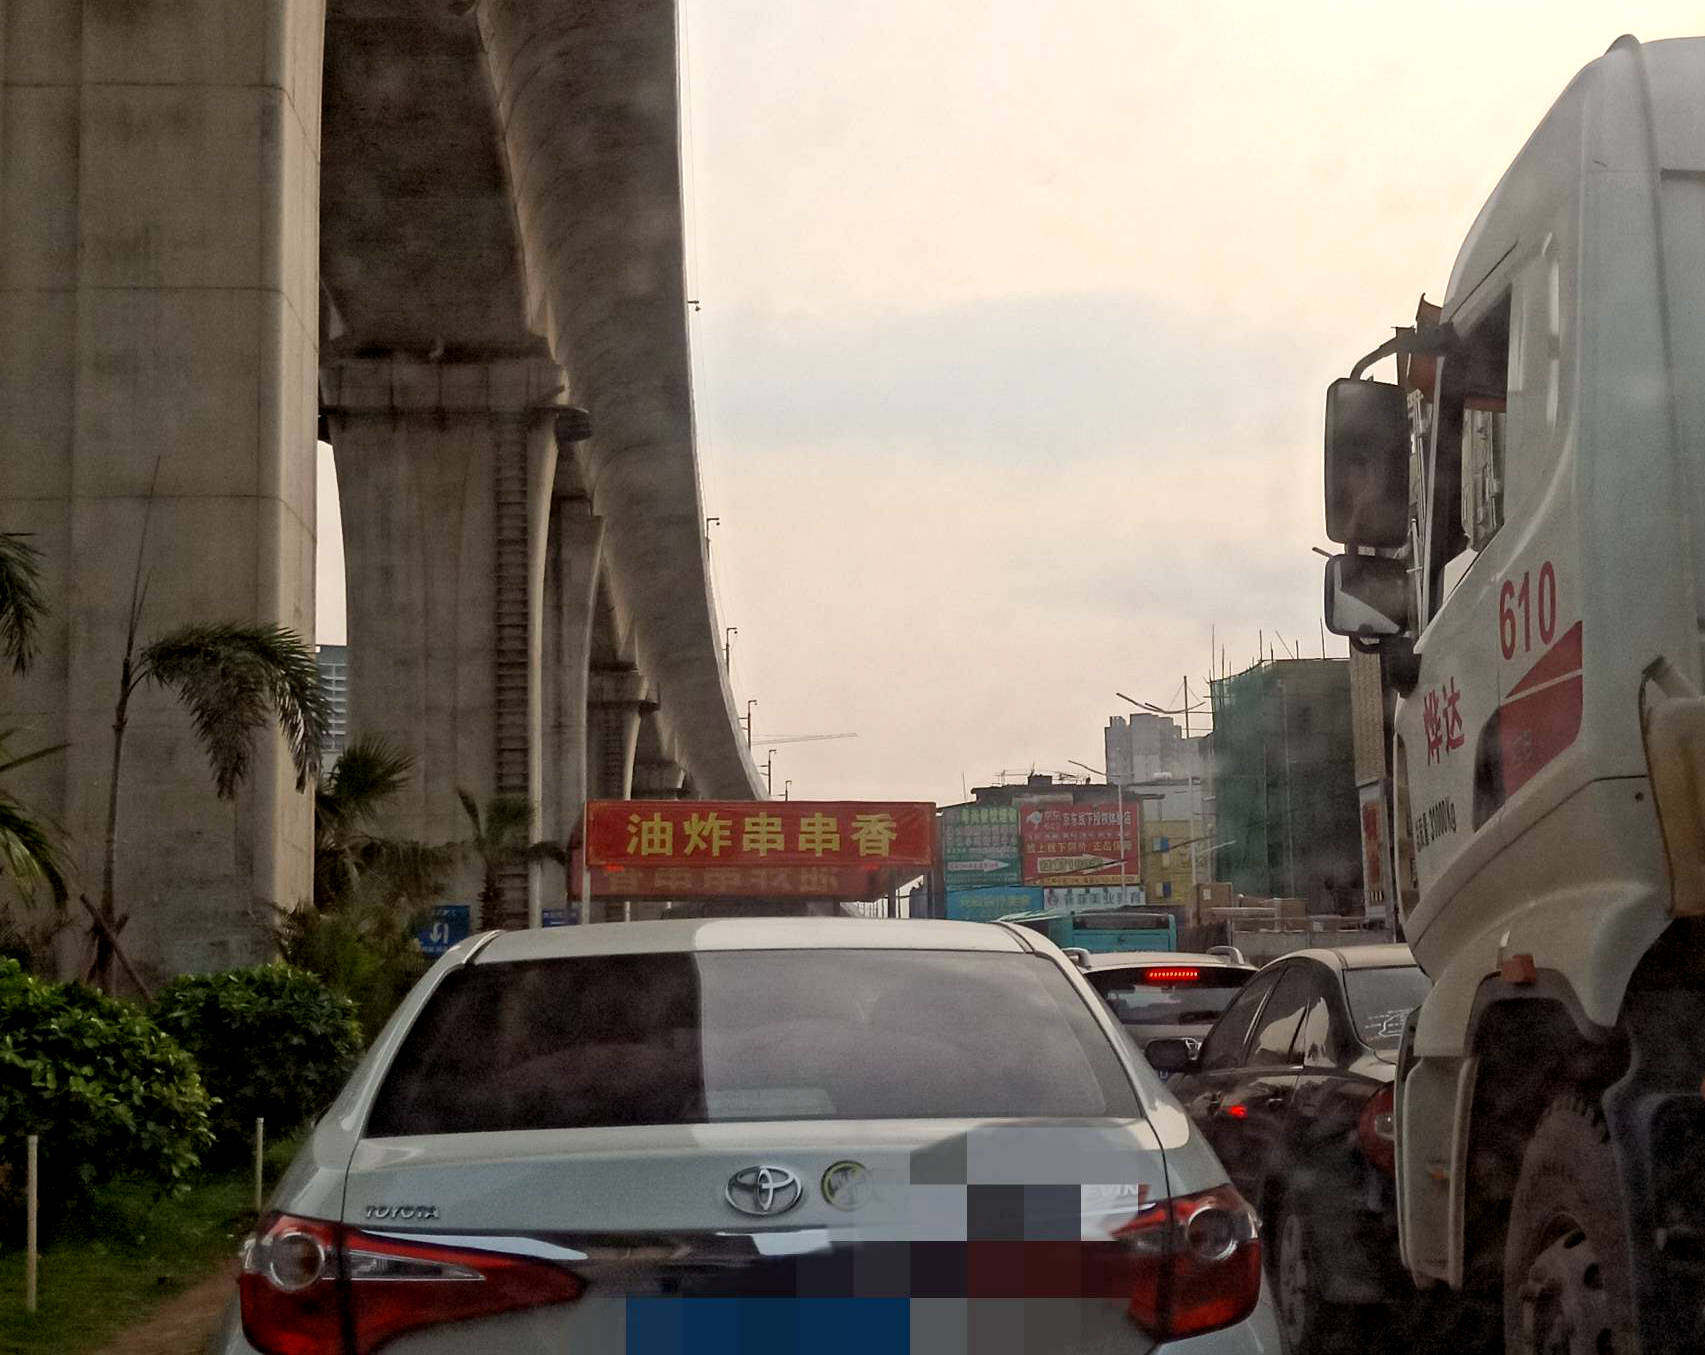 陈江这个掉头位天天堵车,可以改善一下么?